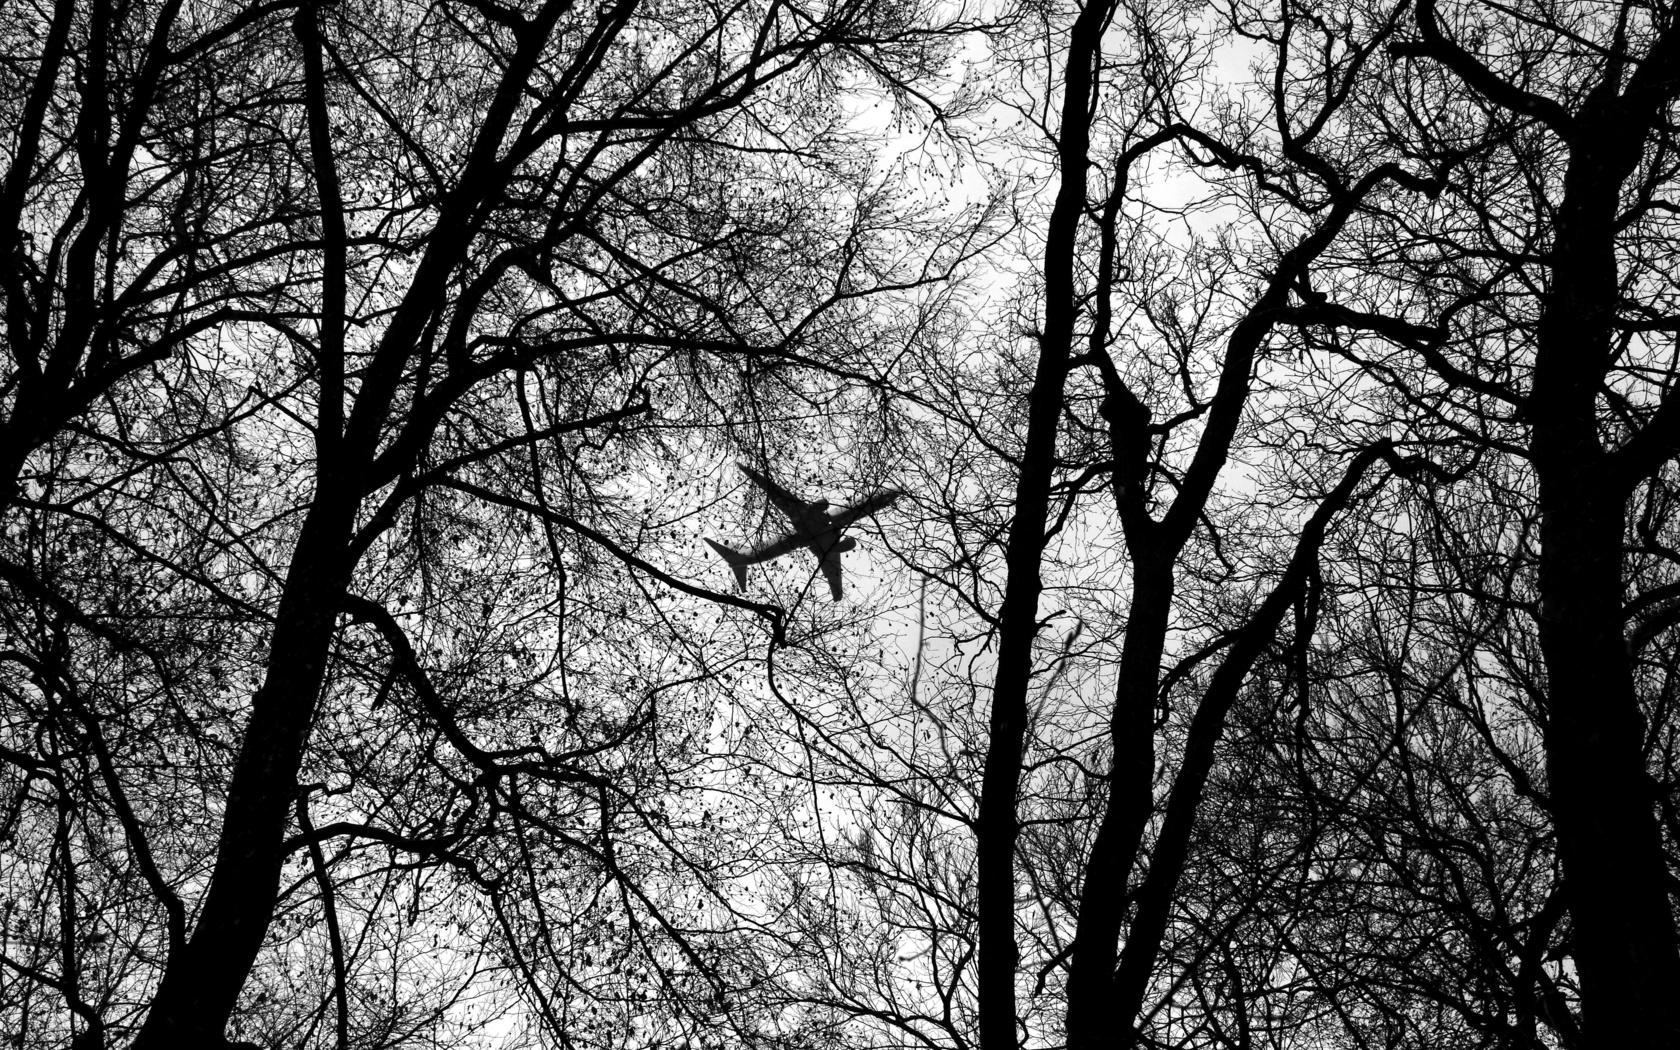 самолет, ветки, деревья